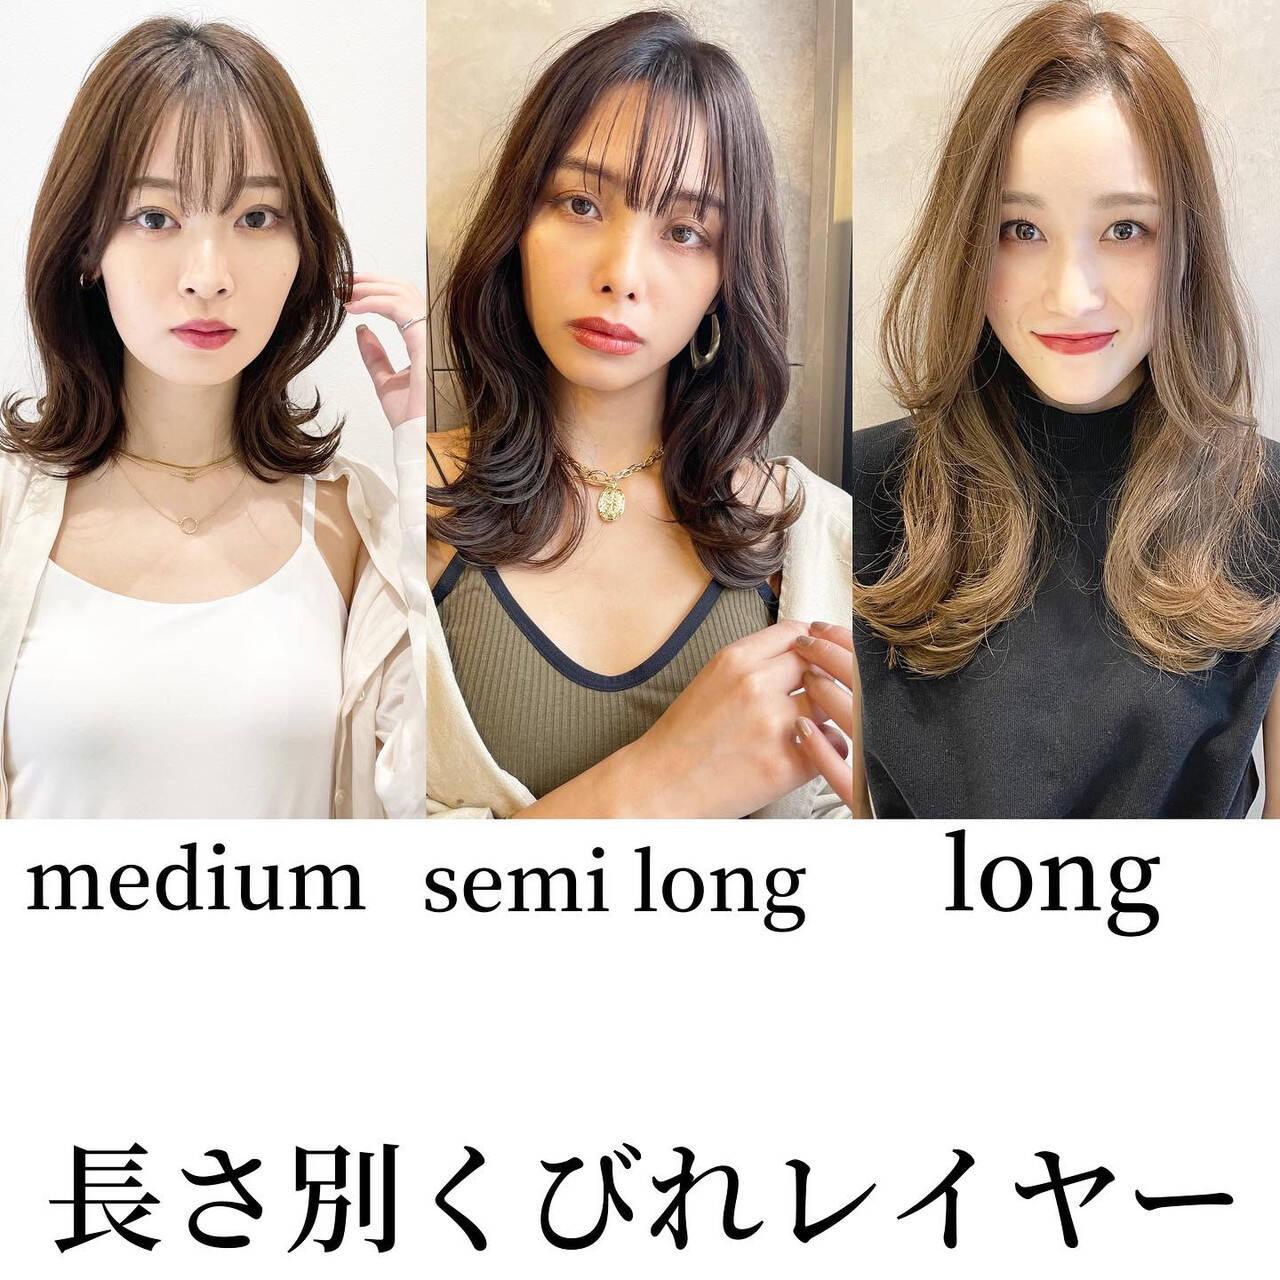 レイヤーカット ナチュラル セミロング 韓国ヘアヘアスタイルや髪型の写真・画像